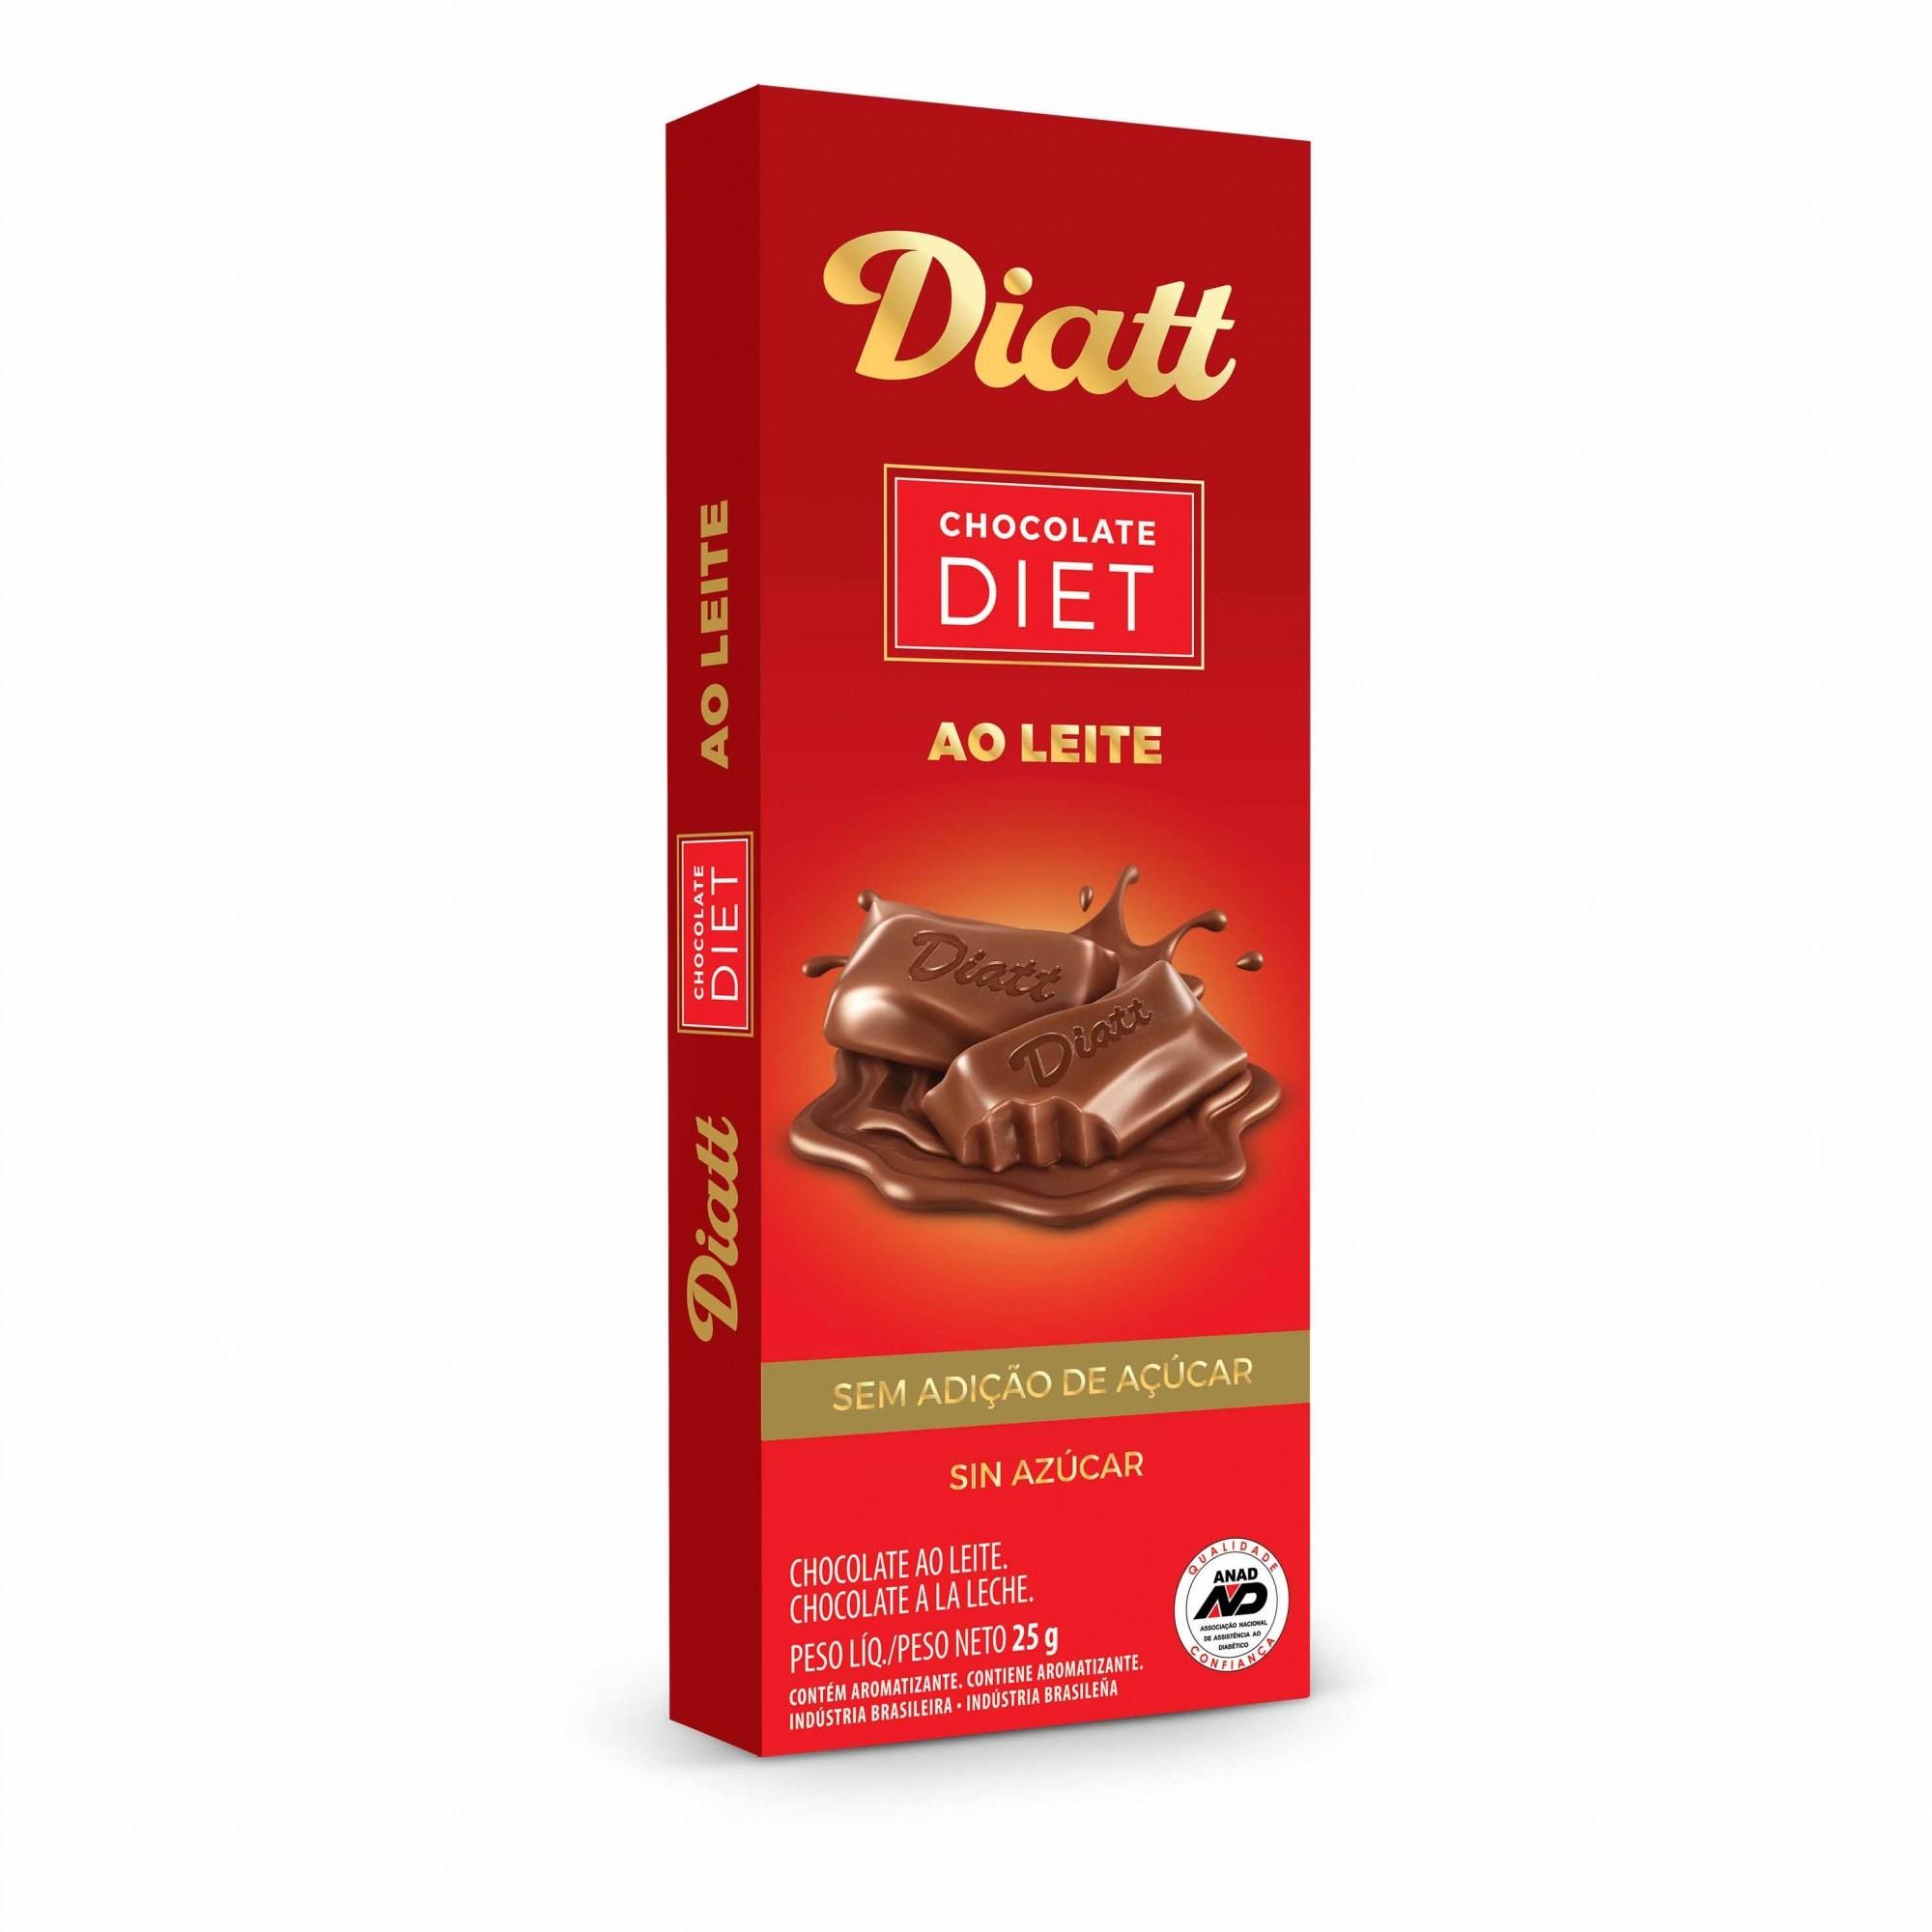 Chocolate Diet ao Leite Sem Adição de Açúcar 20g - Diatt